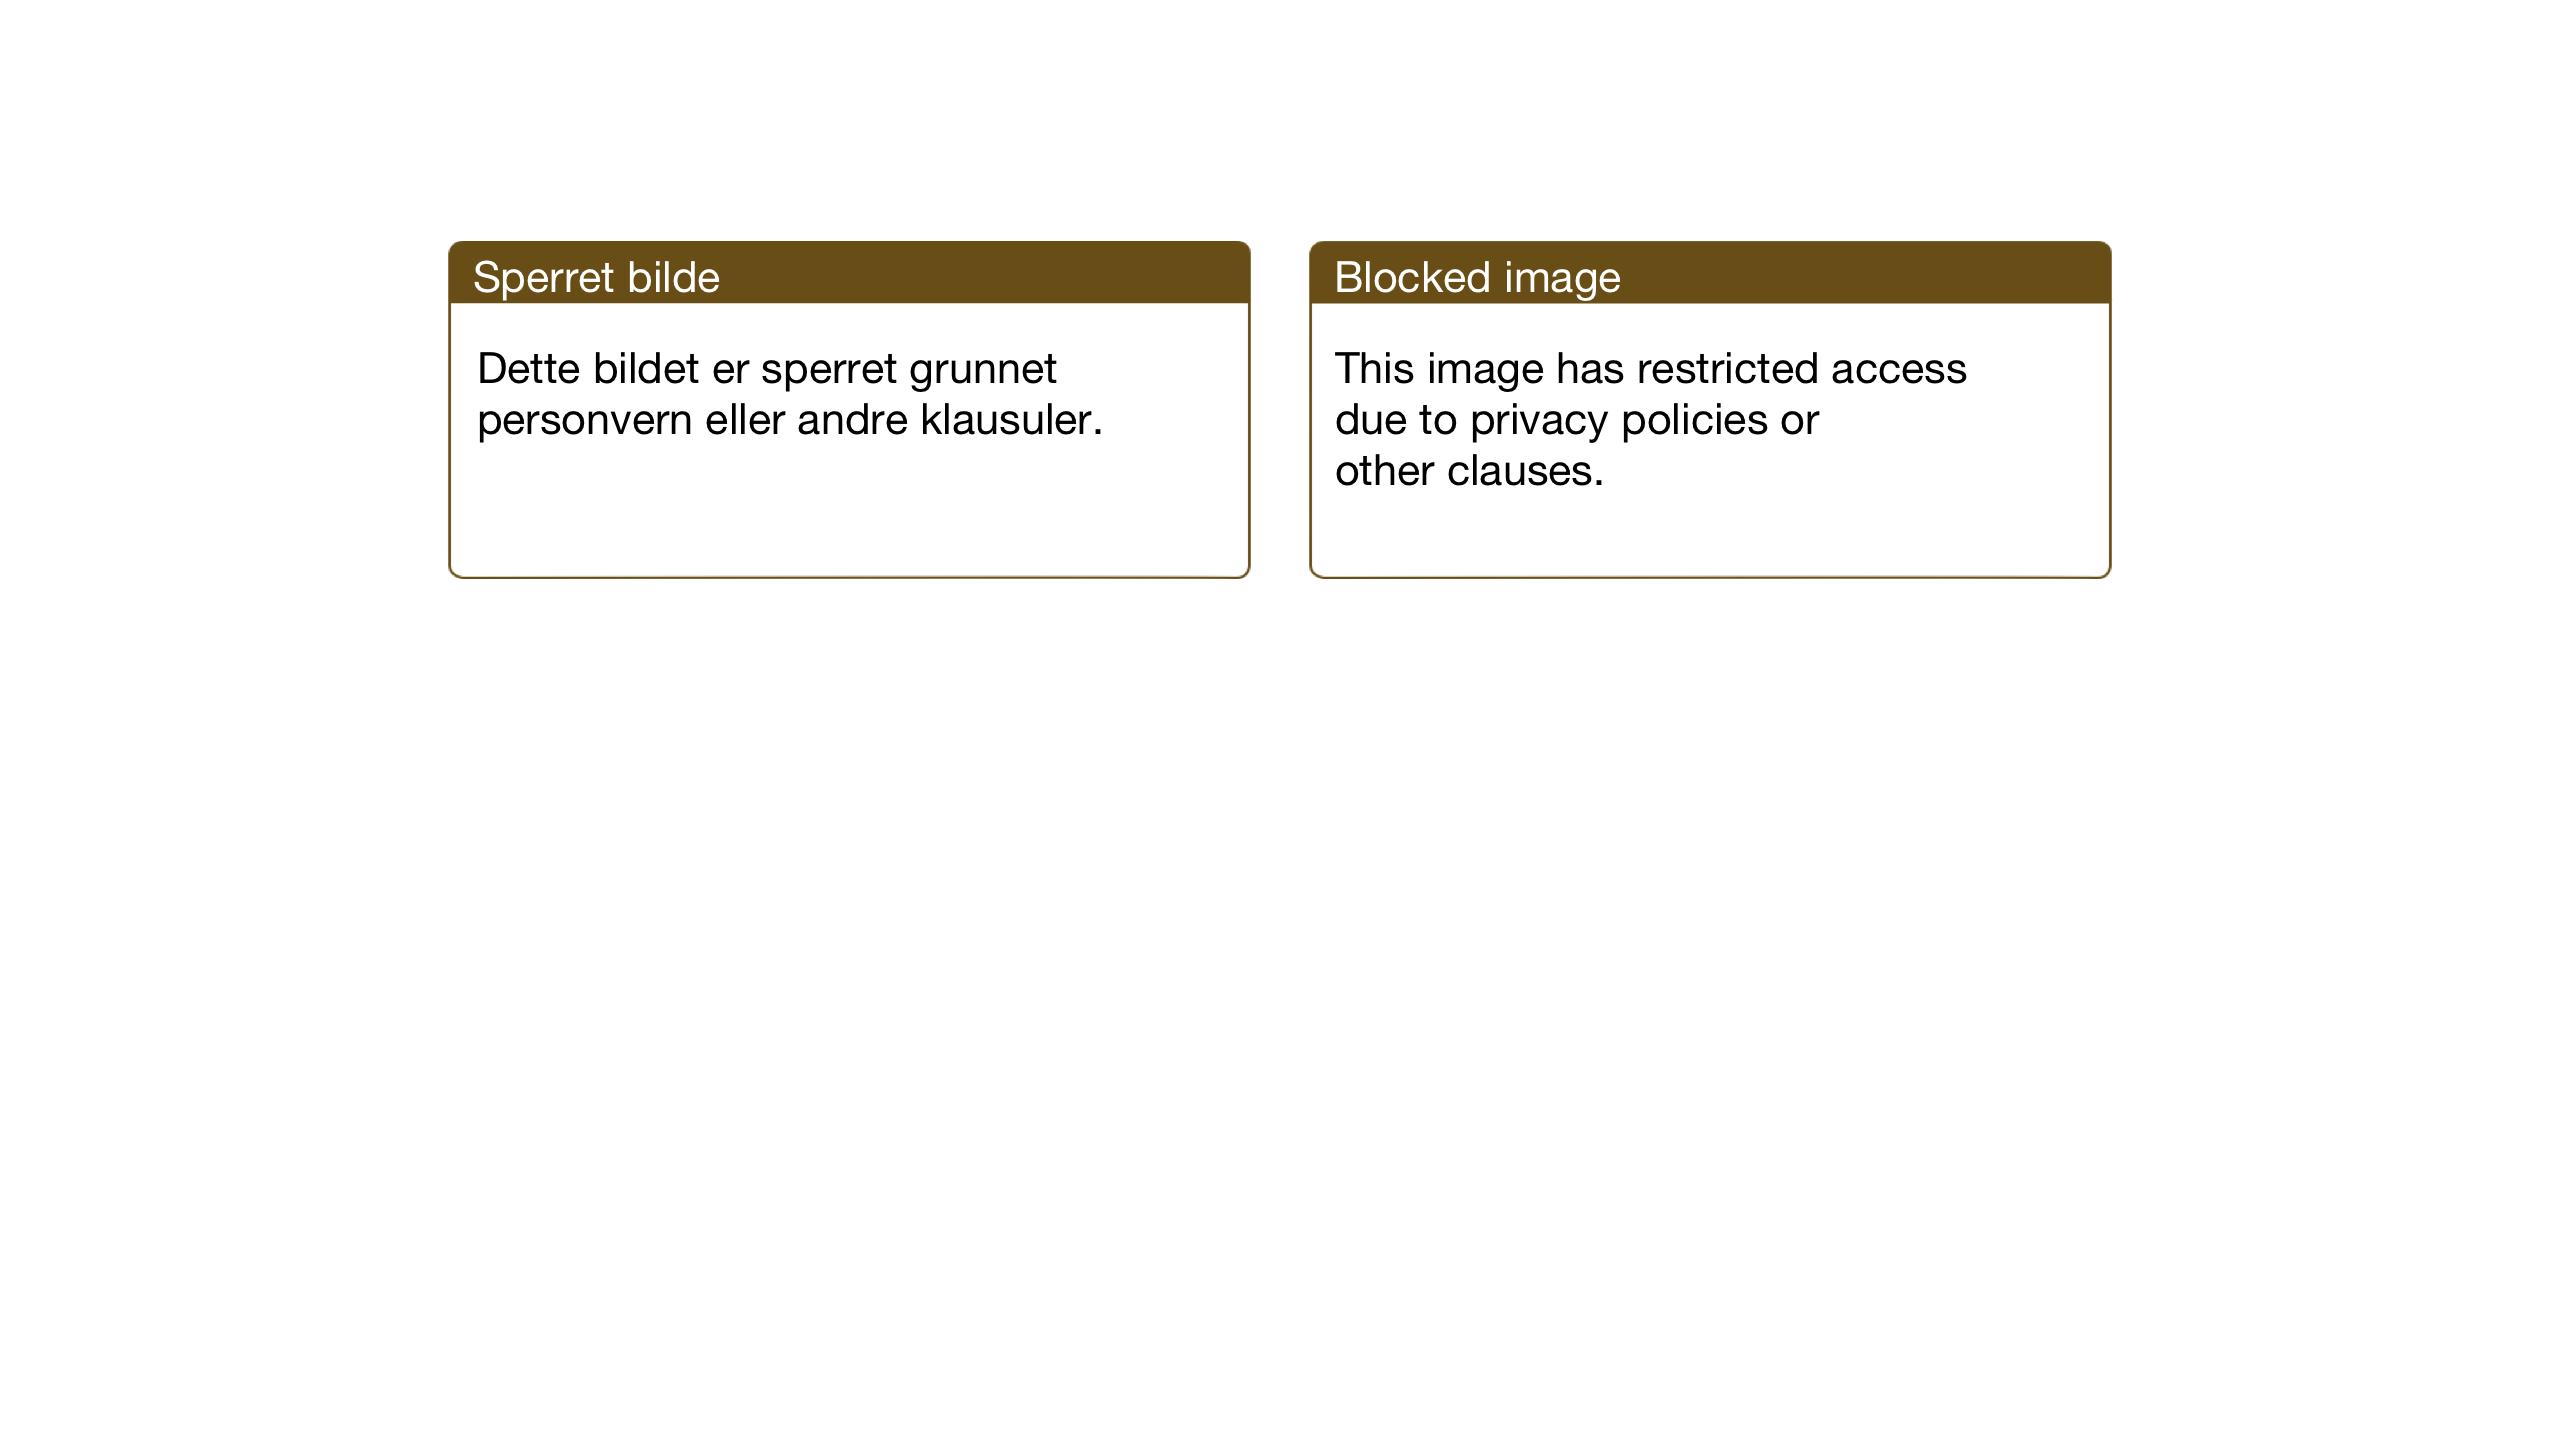 SAT, Ministerialprotokoller, klokkerbøker og fødselsregistre - Nord-Trøndelag, 774/L0630: Klokkerbok nr. 774C01, 1910-1934, s. 81